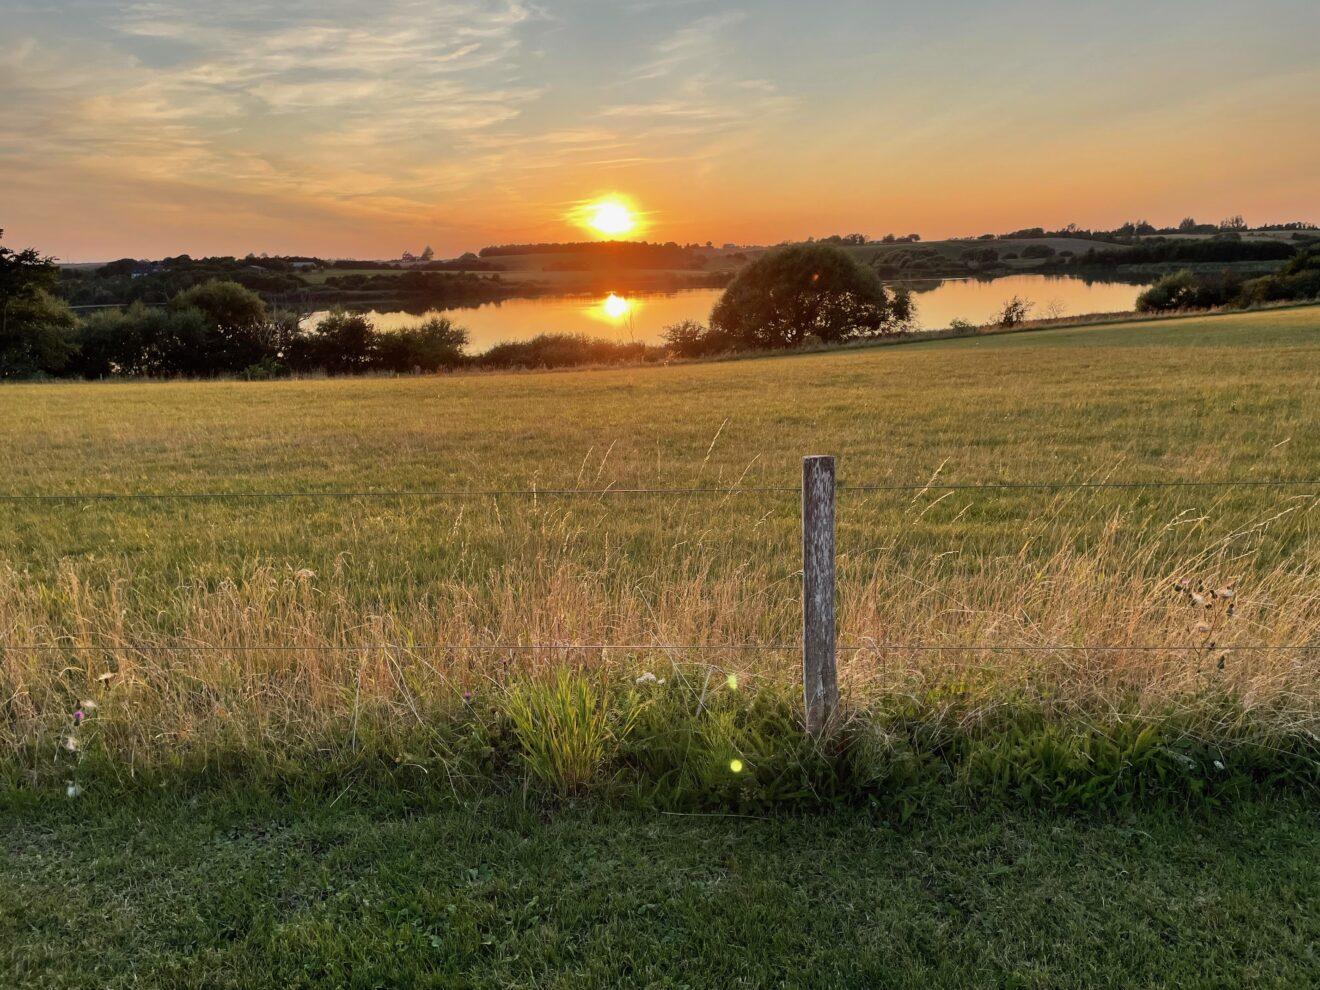 Solnedgang ved Svogerslev sø